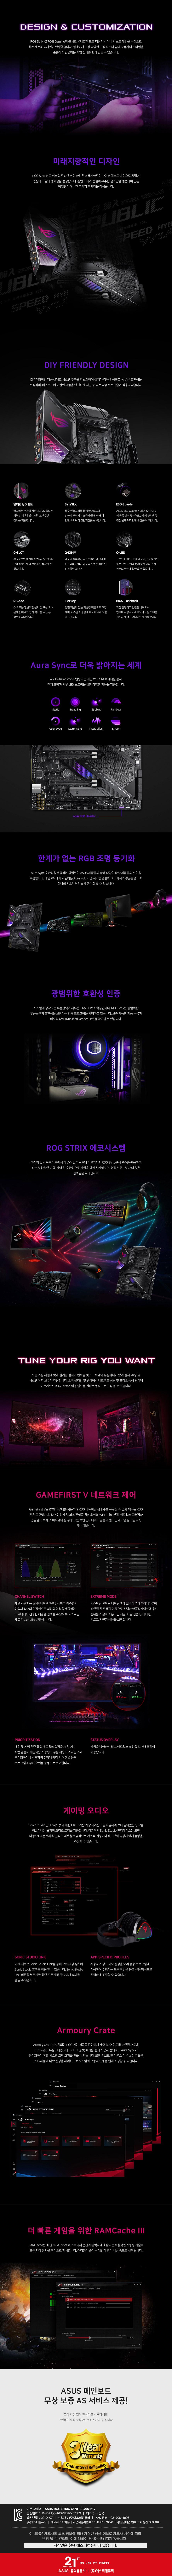 ASUS ROG STRIX X570-E GAMING STCOM